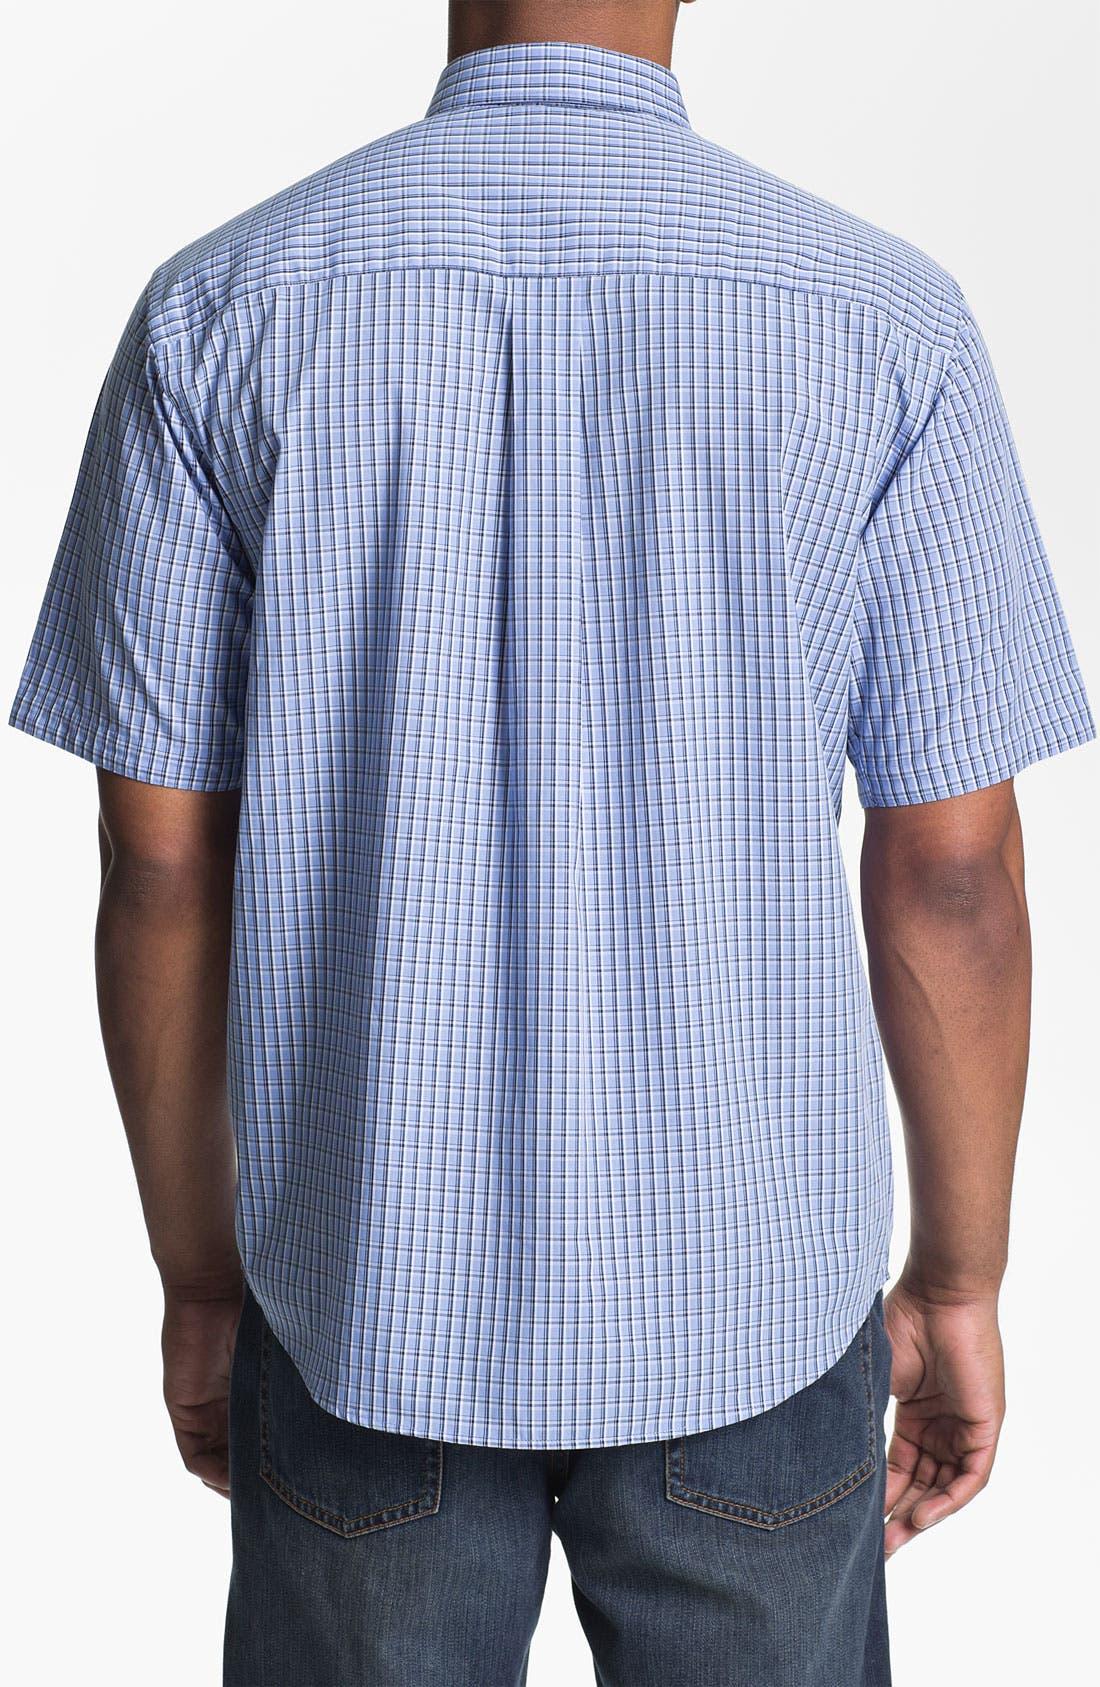 Alternate Image 2  - Cutter & Buck 'Sunset Hill' Check Sport Shirt (Big & Tall) (Online Only)